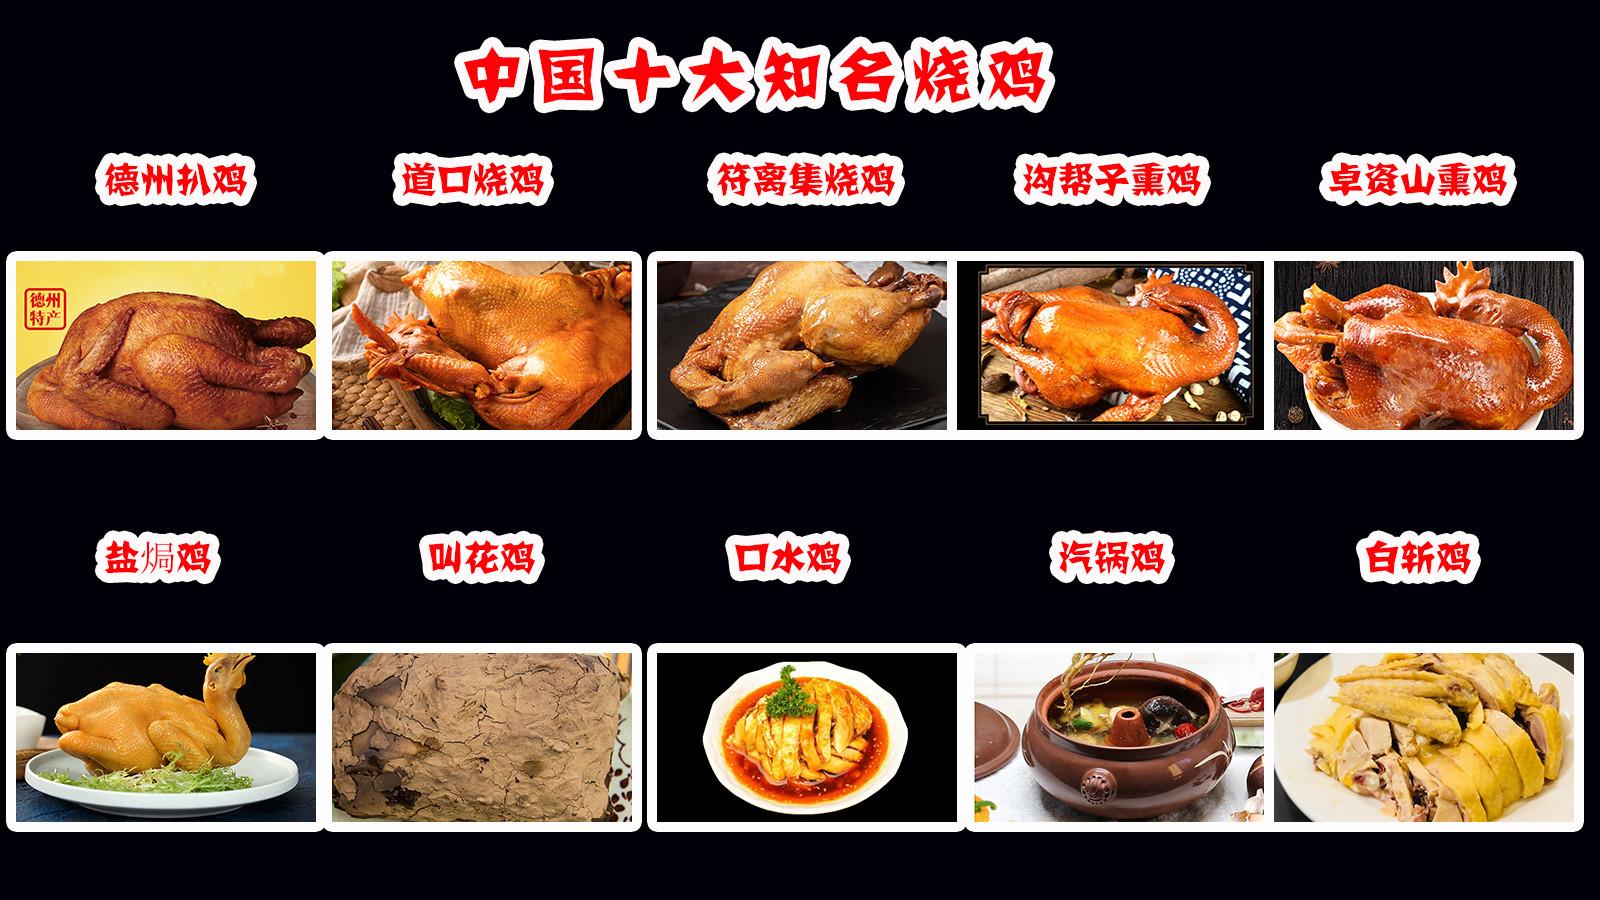 中国十大名鸡有哪些?盘点各地160种知名烧鸡,有你家乡的吗?每一种都是本地老百姓的最爱,享誉全国